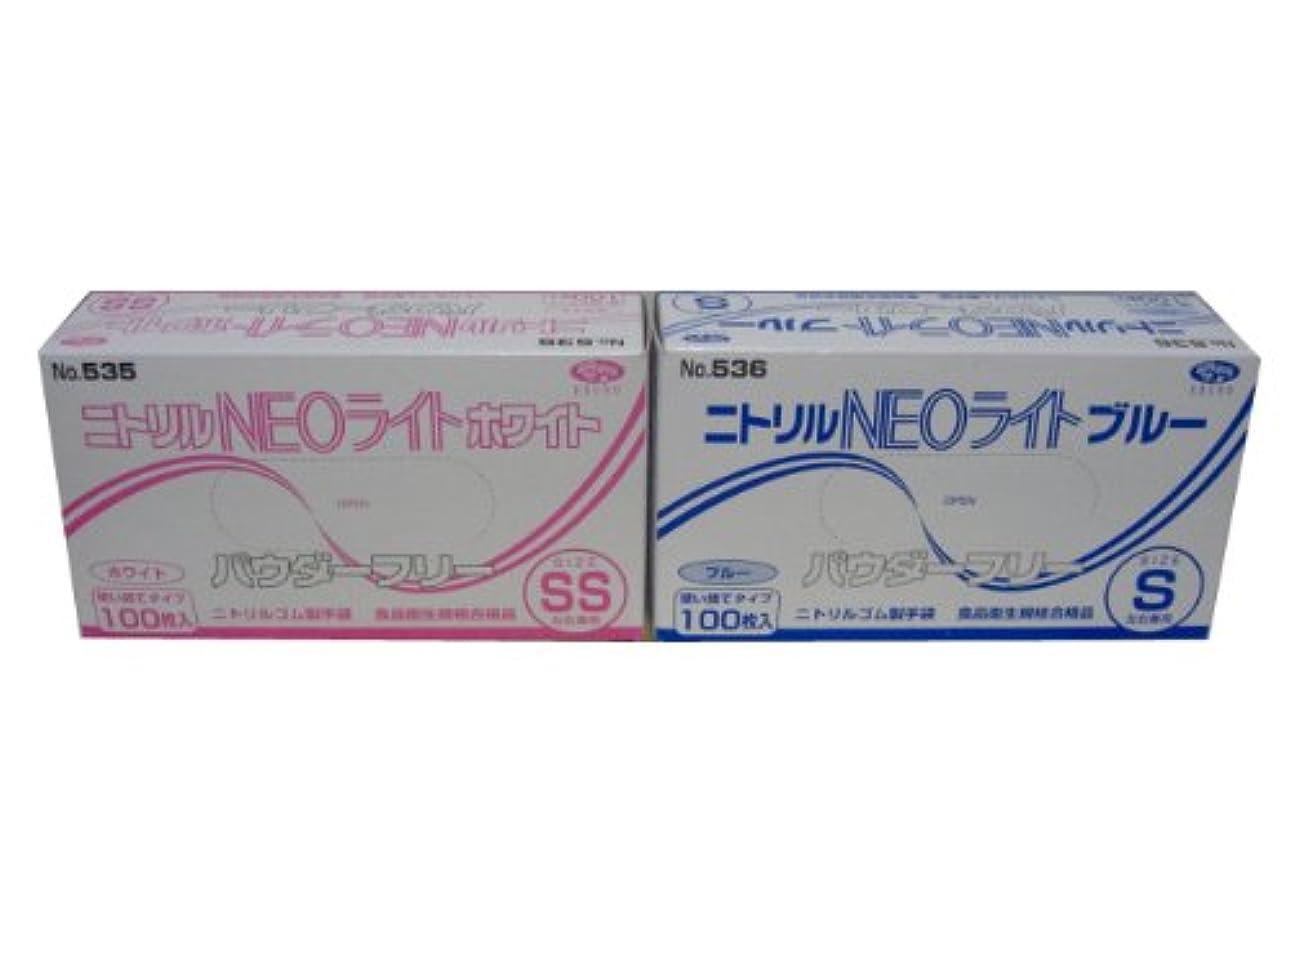 うぬぼれ考慮雪使い捨て手袋 エブノ ニトリルNEOライト(薄手タイプ)No.536 粉無※青SS 100枚X30箱 3000枚